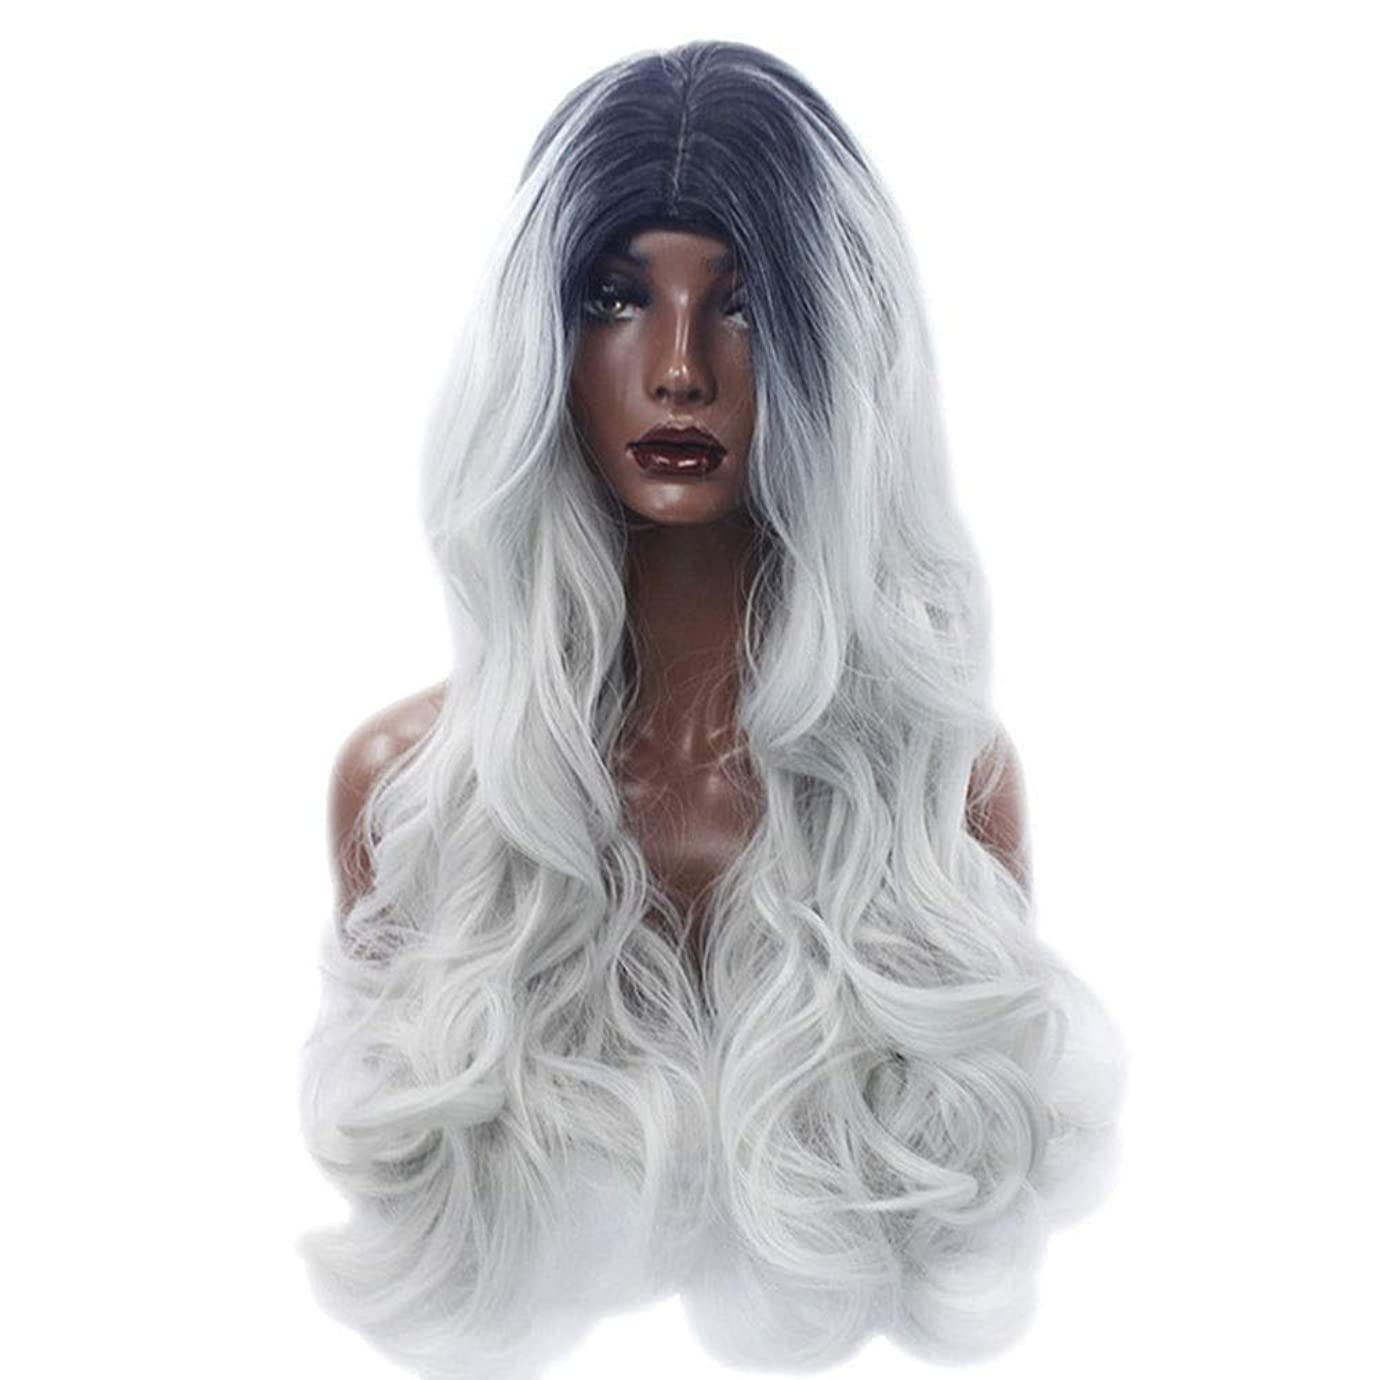 時代生産的溶融BOBIDYEE グラデーションかつら女性用仮装ロングフルヘッドコスプレかつら女性用合成かつらレースかつらロールプレイングかつら (色 : Photo Color)